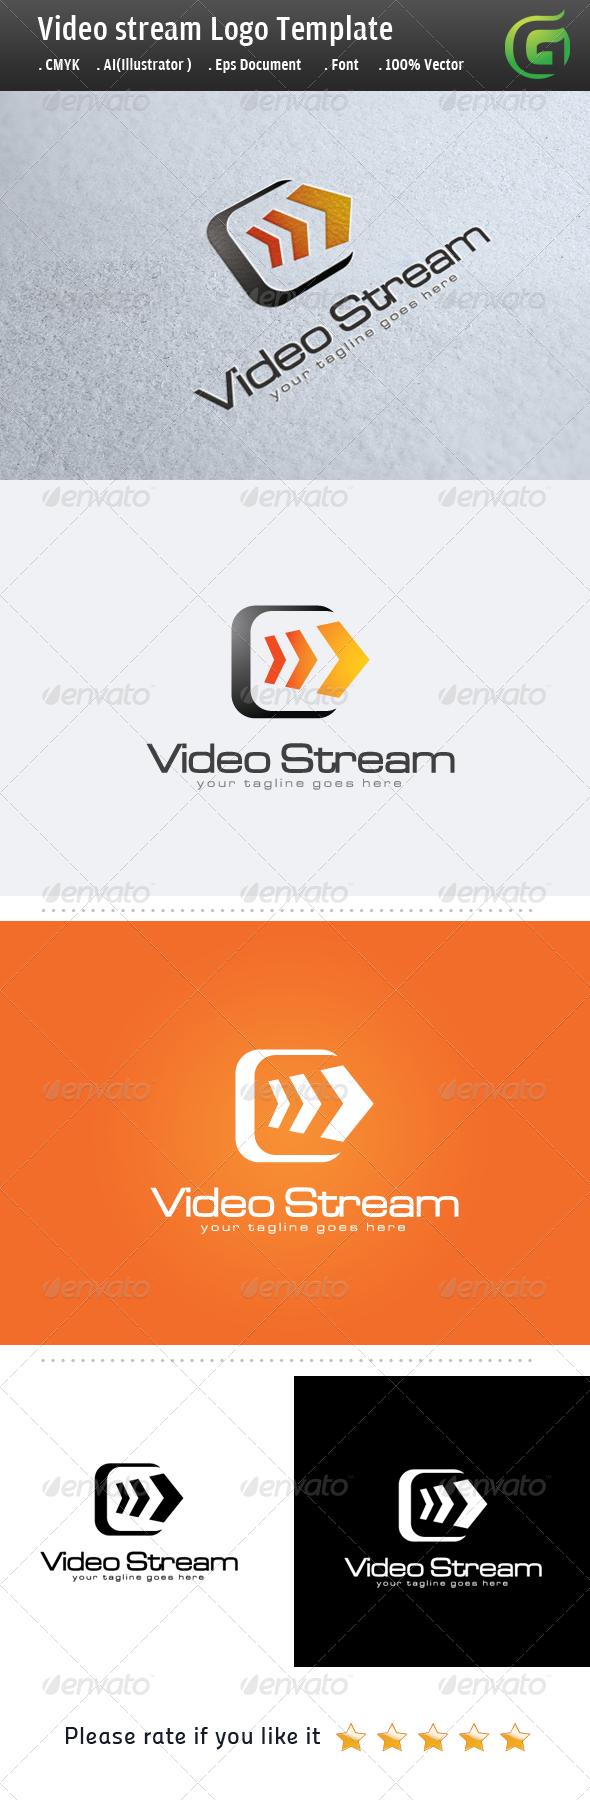 GraphicRiver Video Stream 5060607